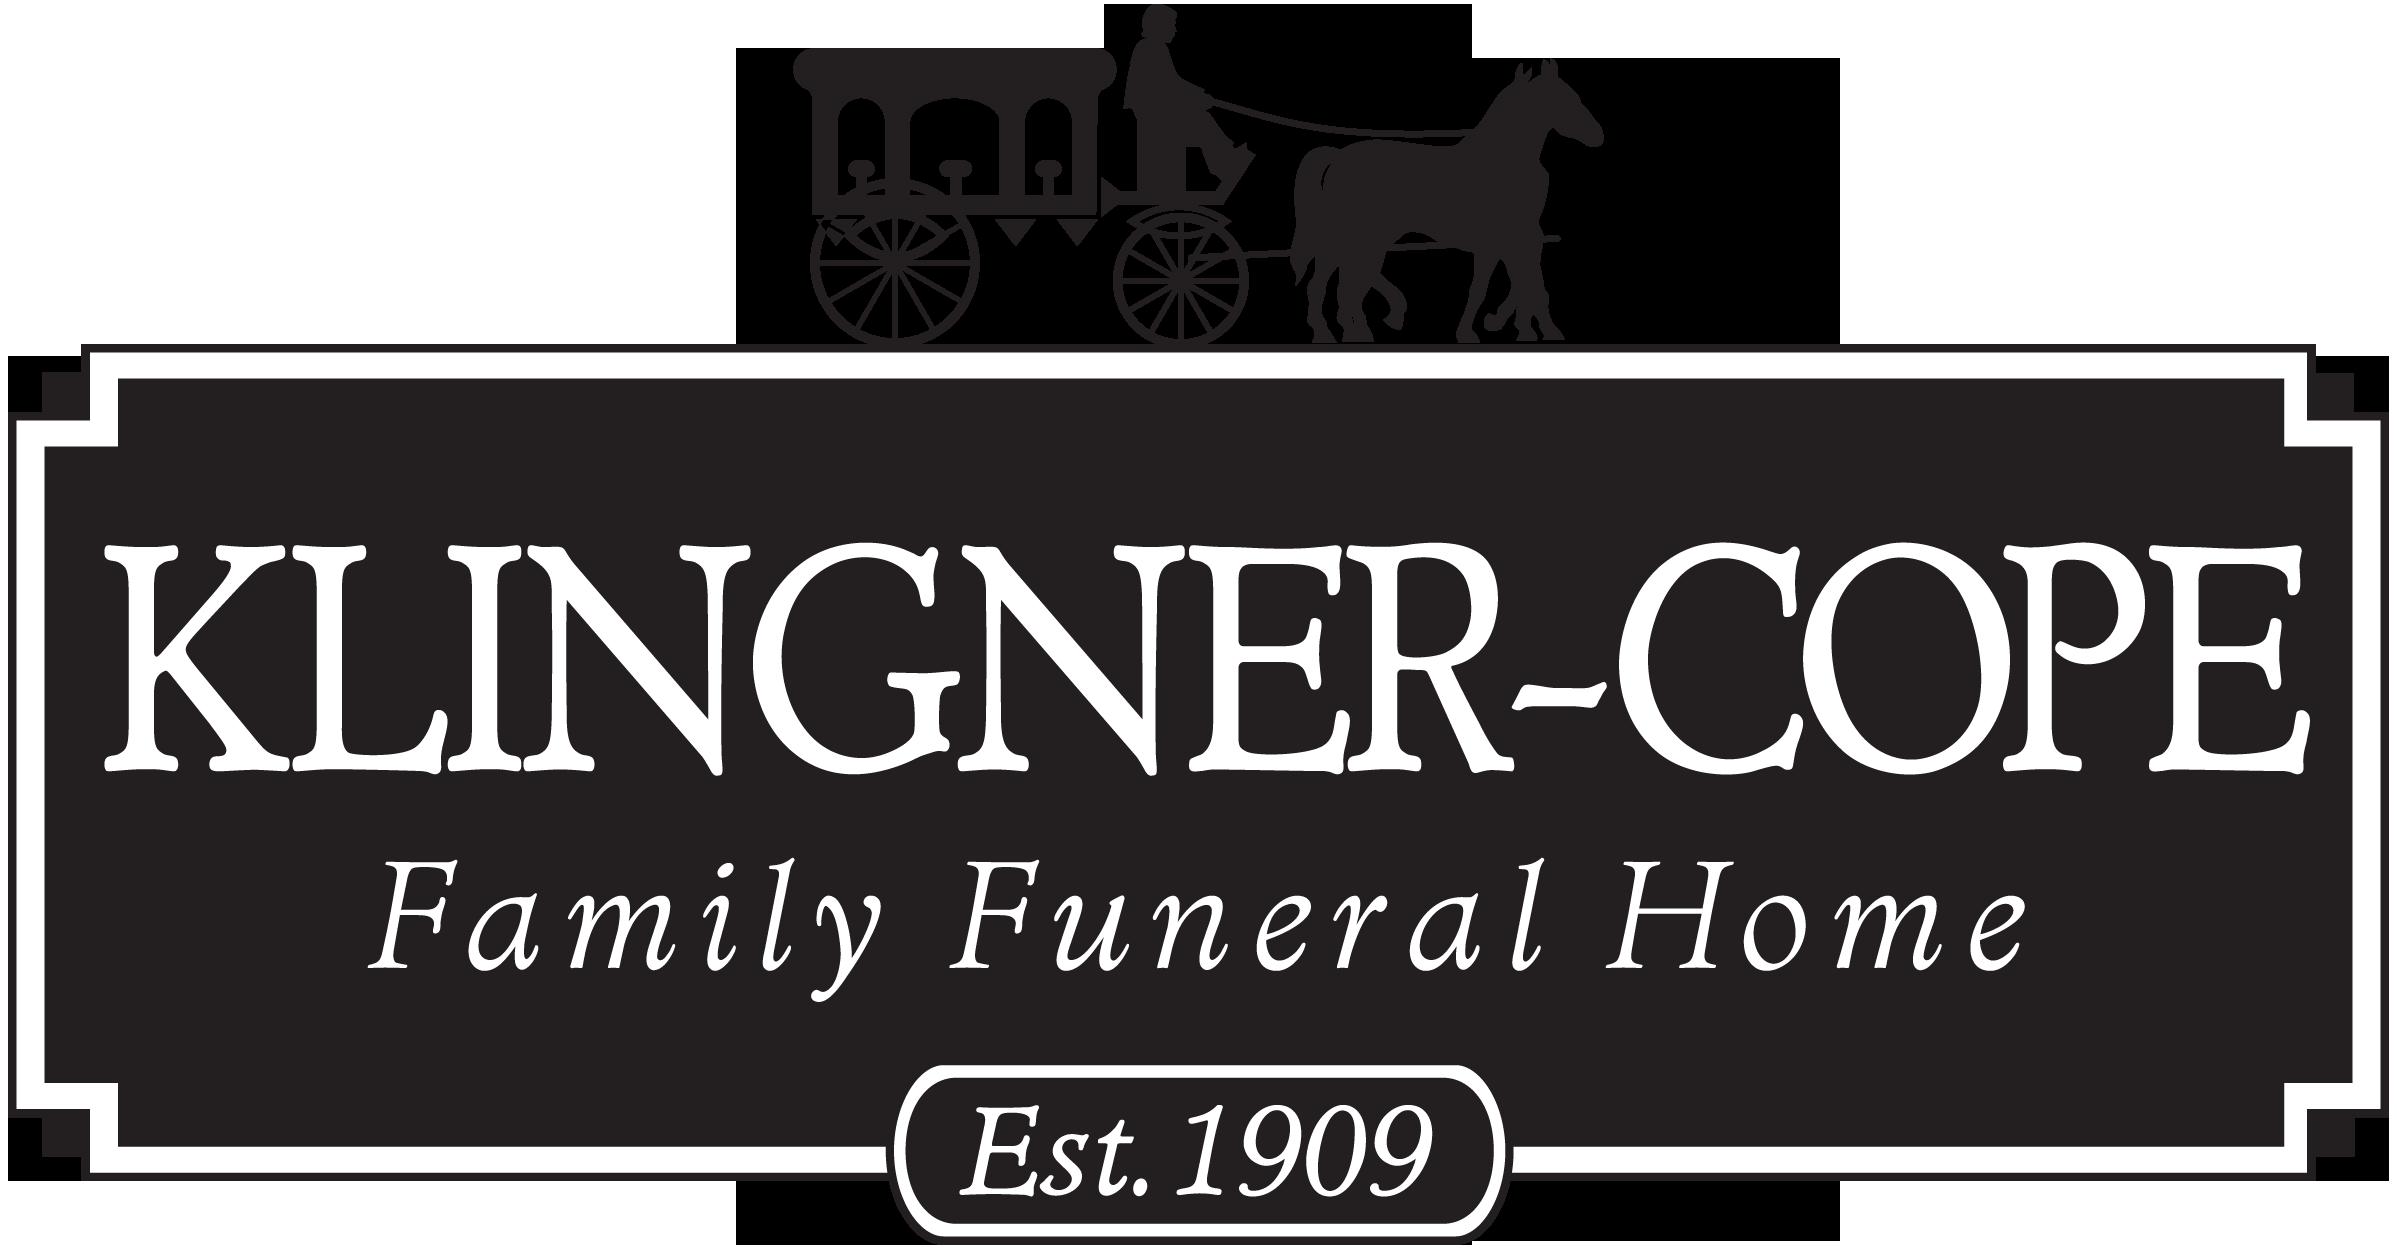 Klingner-Cope Family Funeral Home